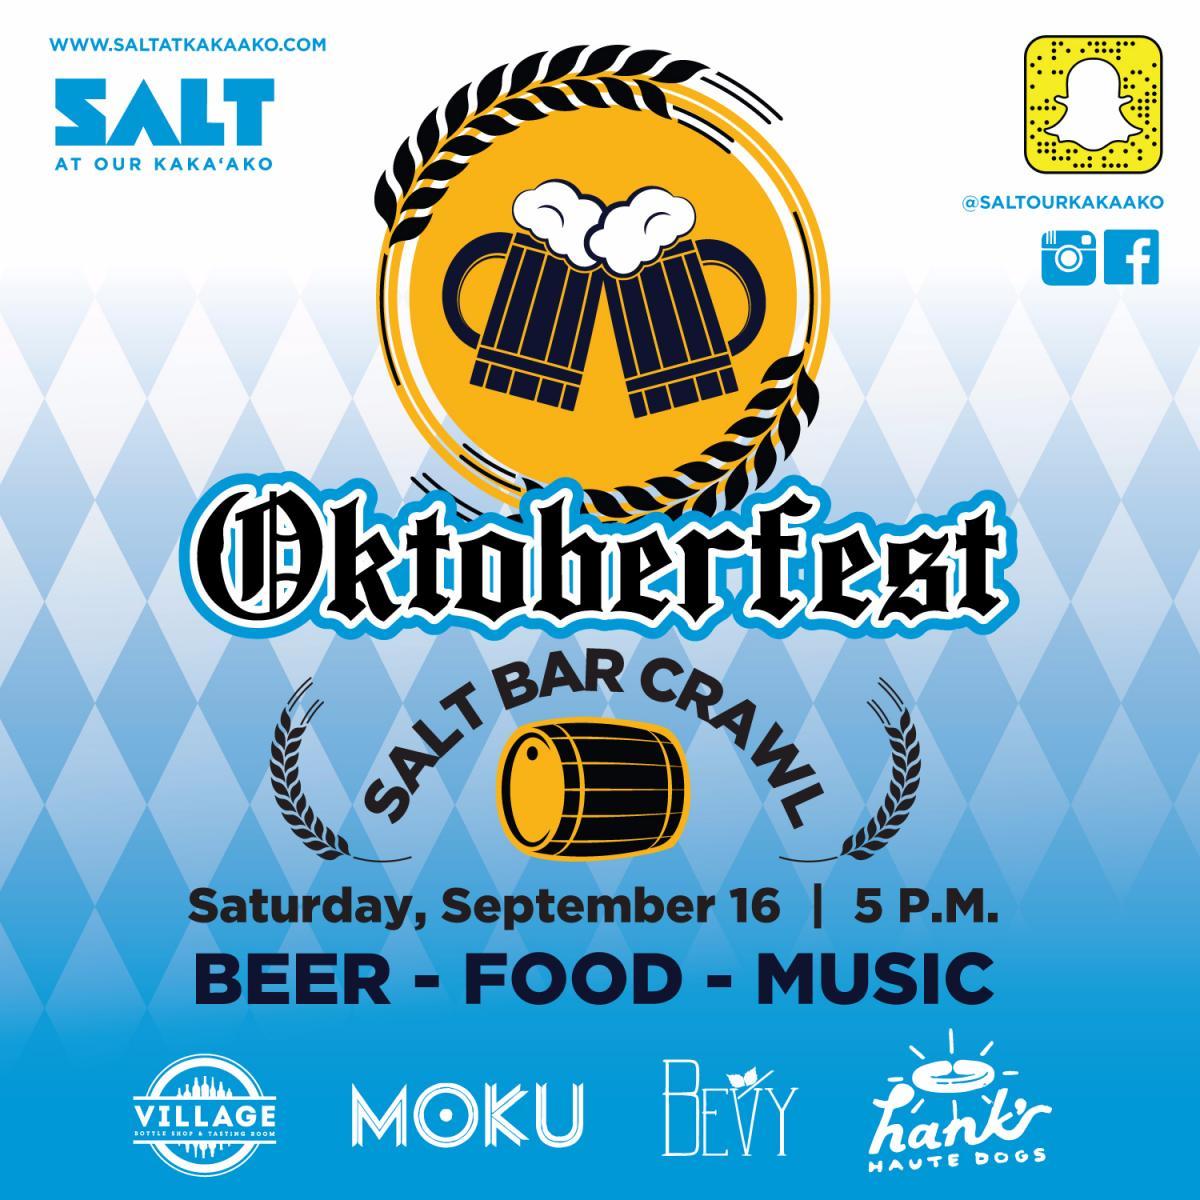 SALT Bar Crawl – Oktoberfest